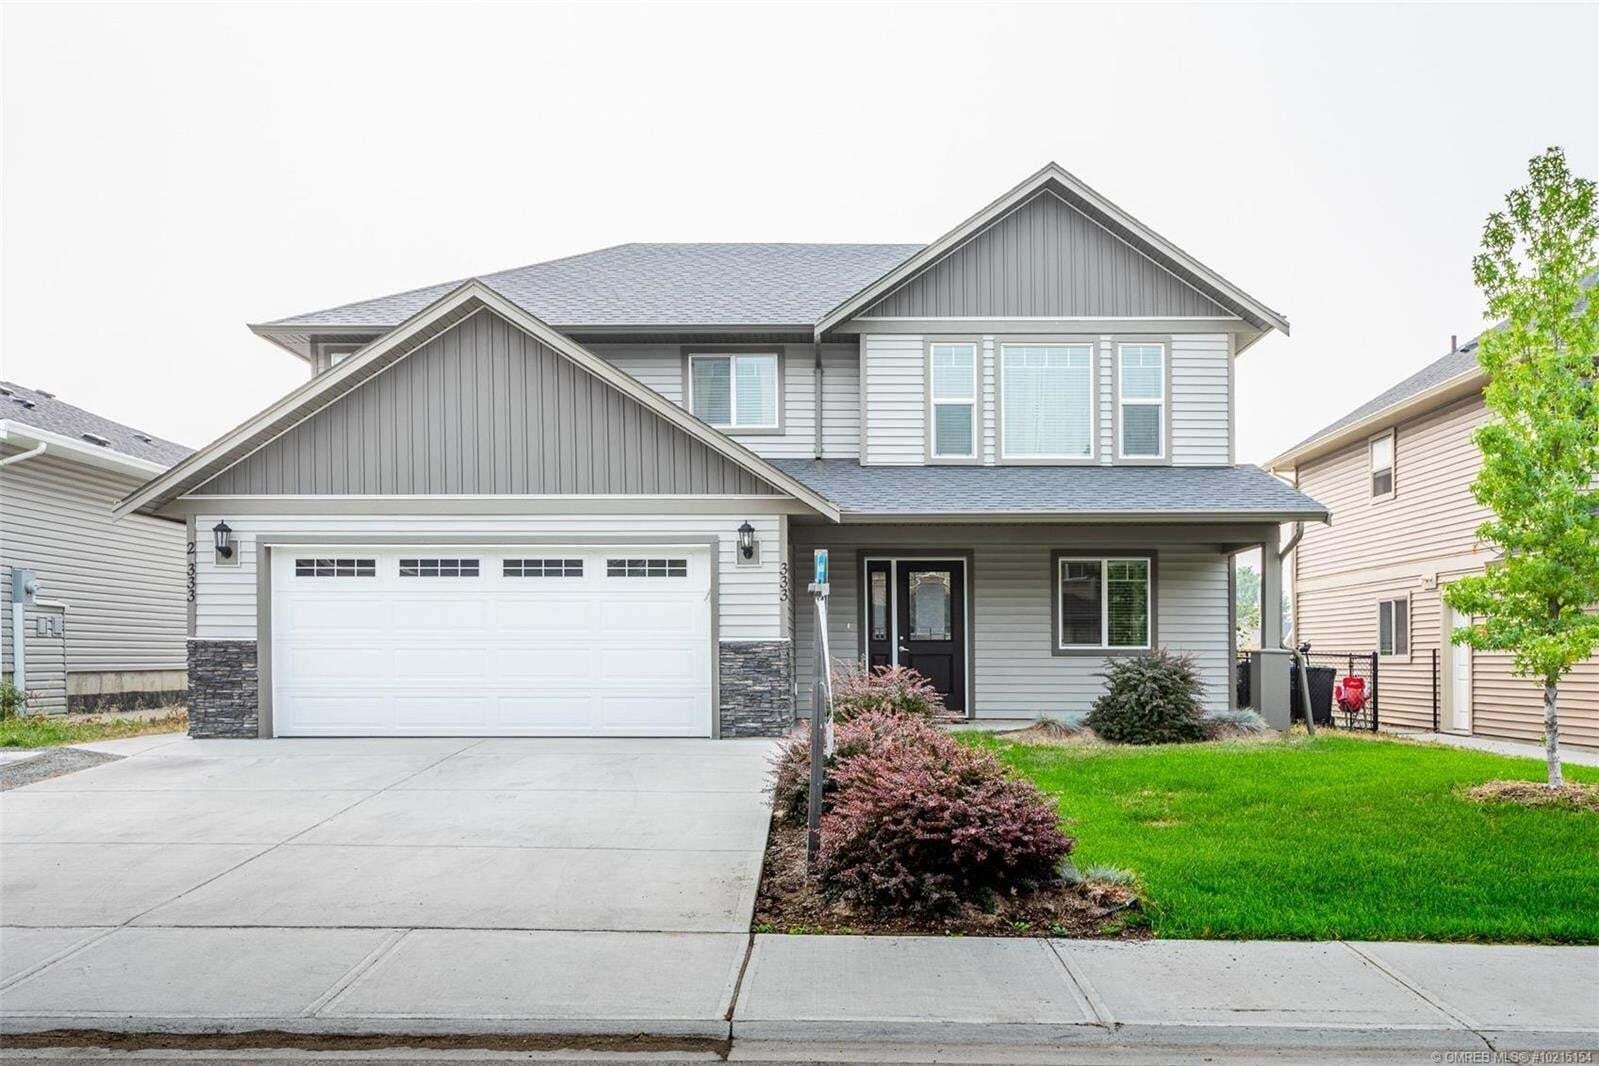 House for sale at 333 Arab Rd Kelowna British Columbia - MLS: 10215154